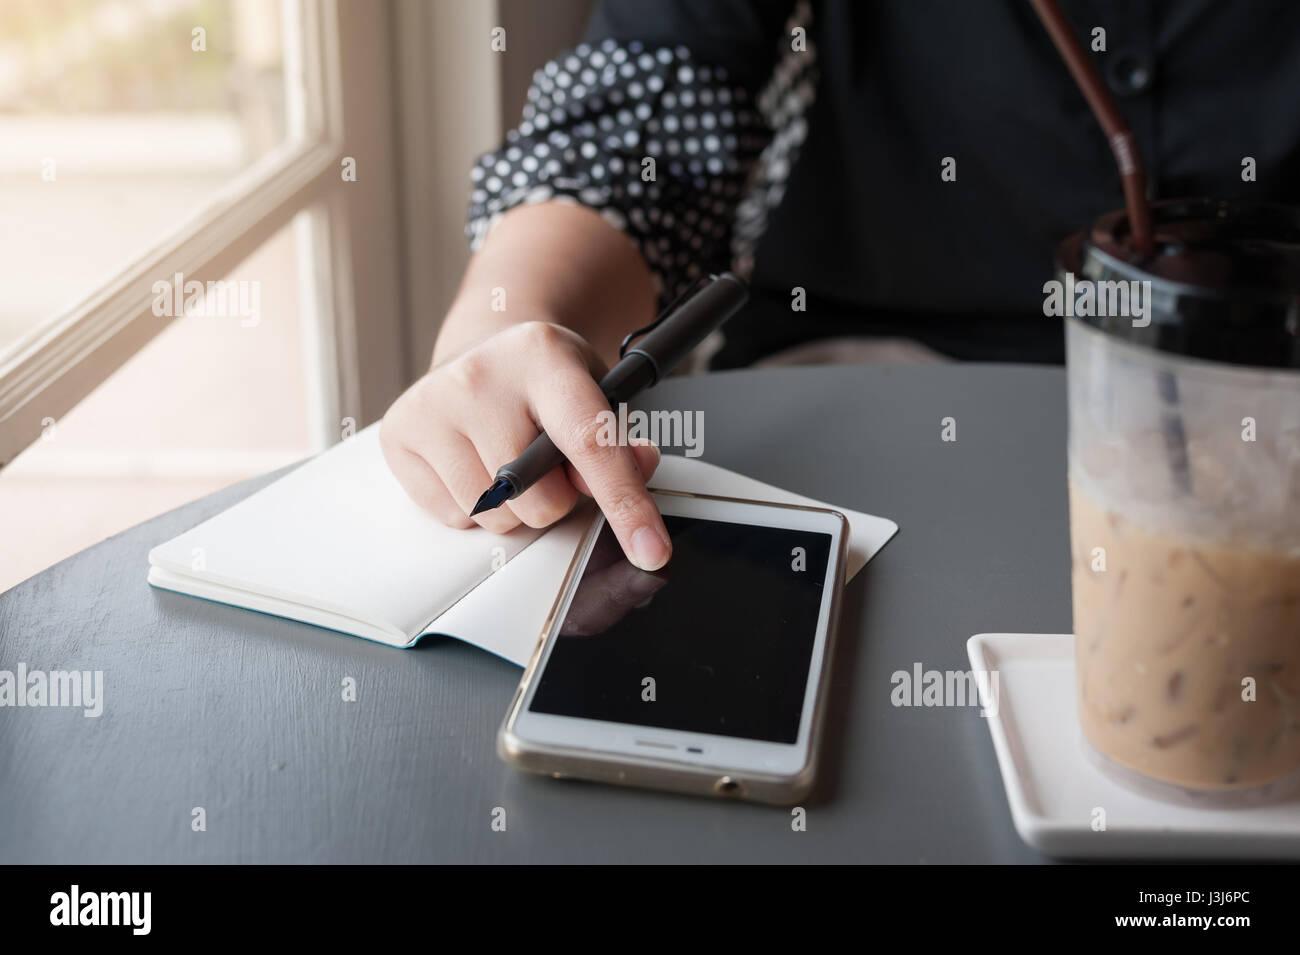 Mujer tocando la mano sobre la pantalla del smartphone al escribir algo en la cafetería. Trabajar desde cualquier Imagen De Stock